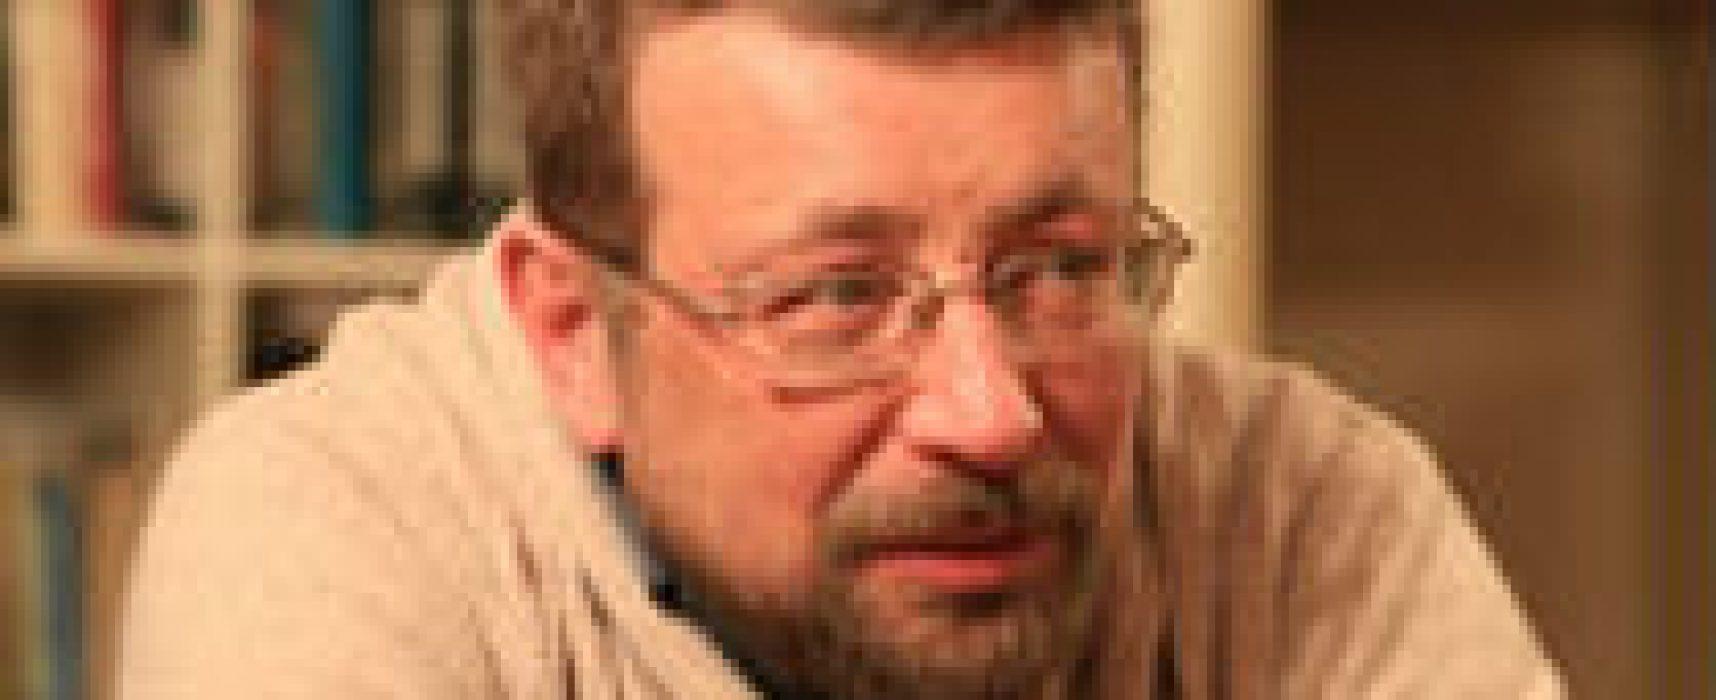 Илья Мильштейн: На безукраинных просторах